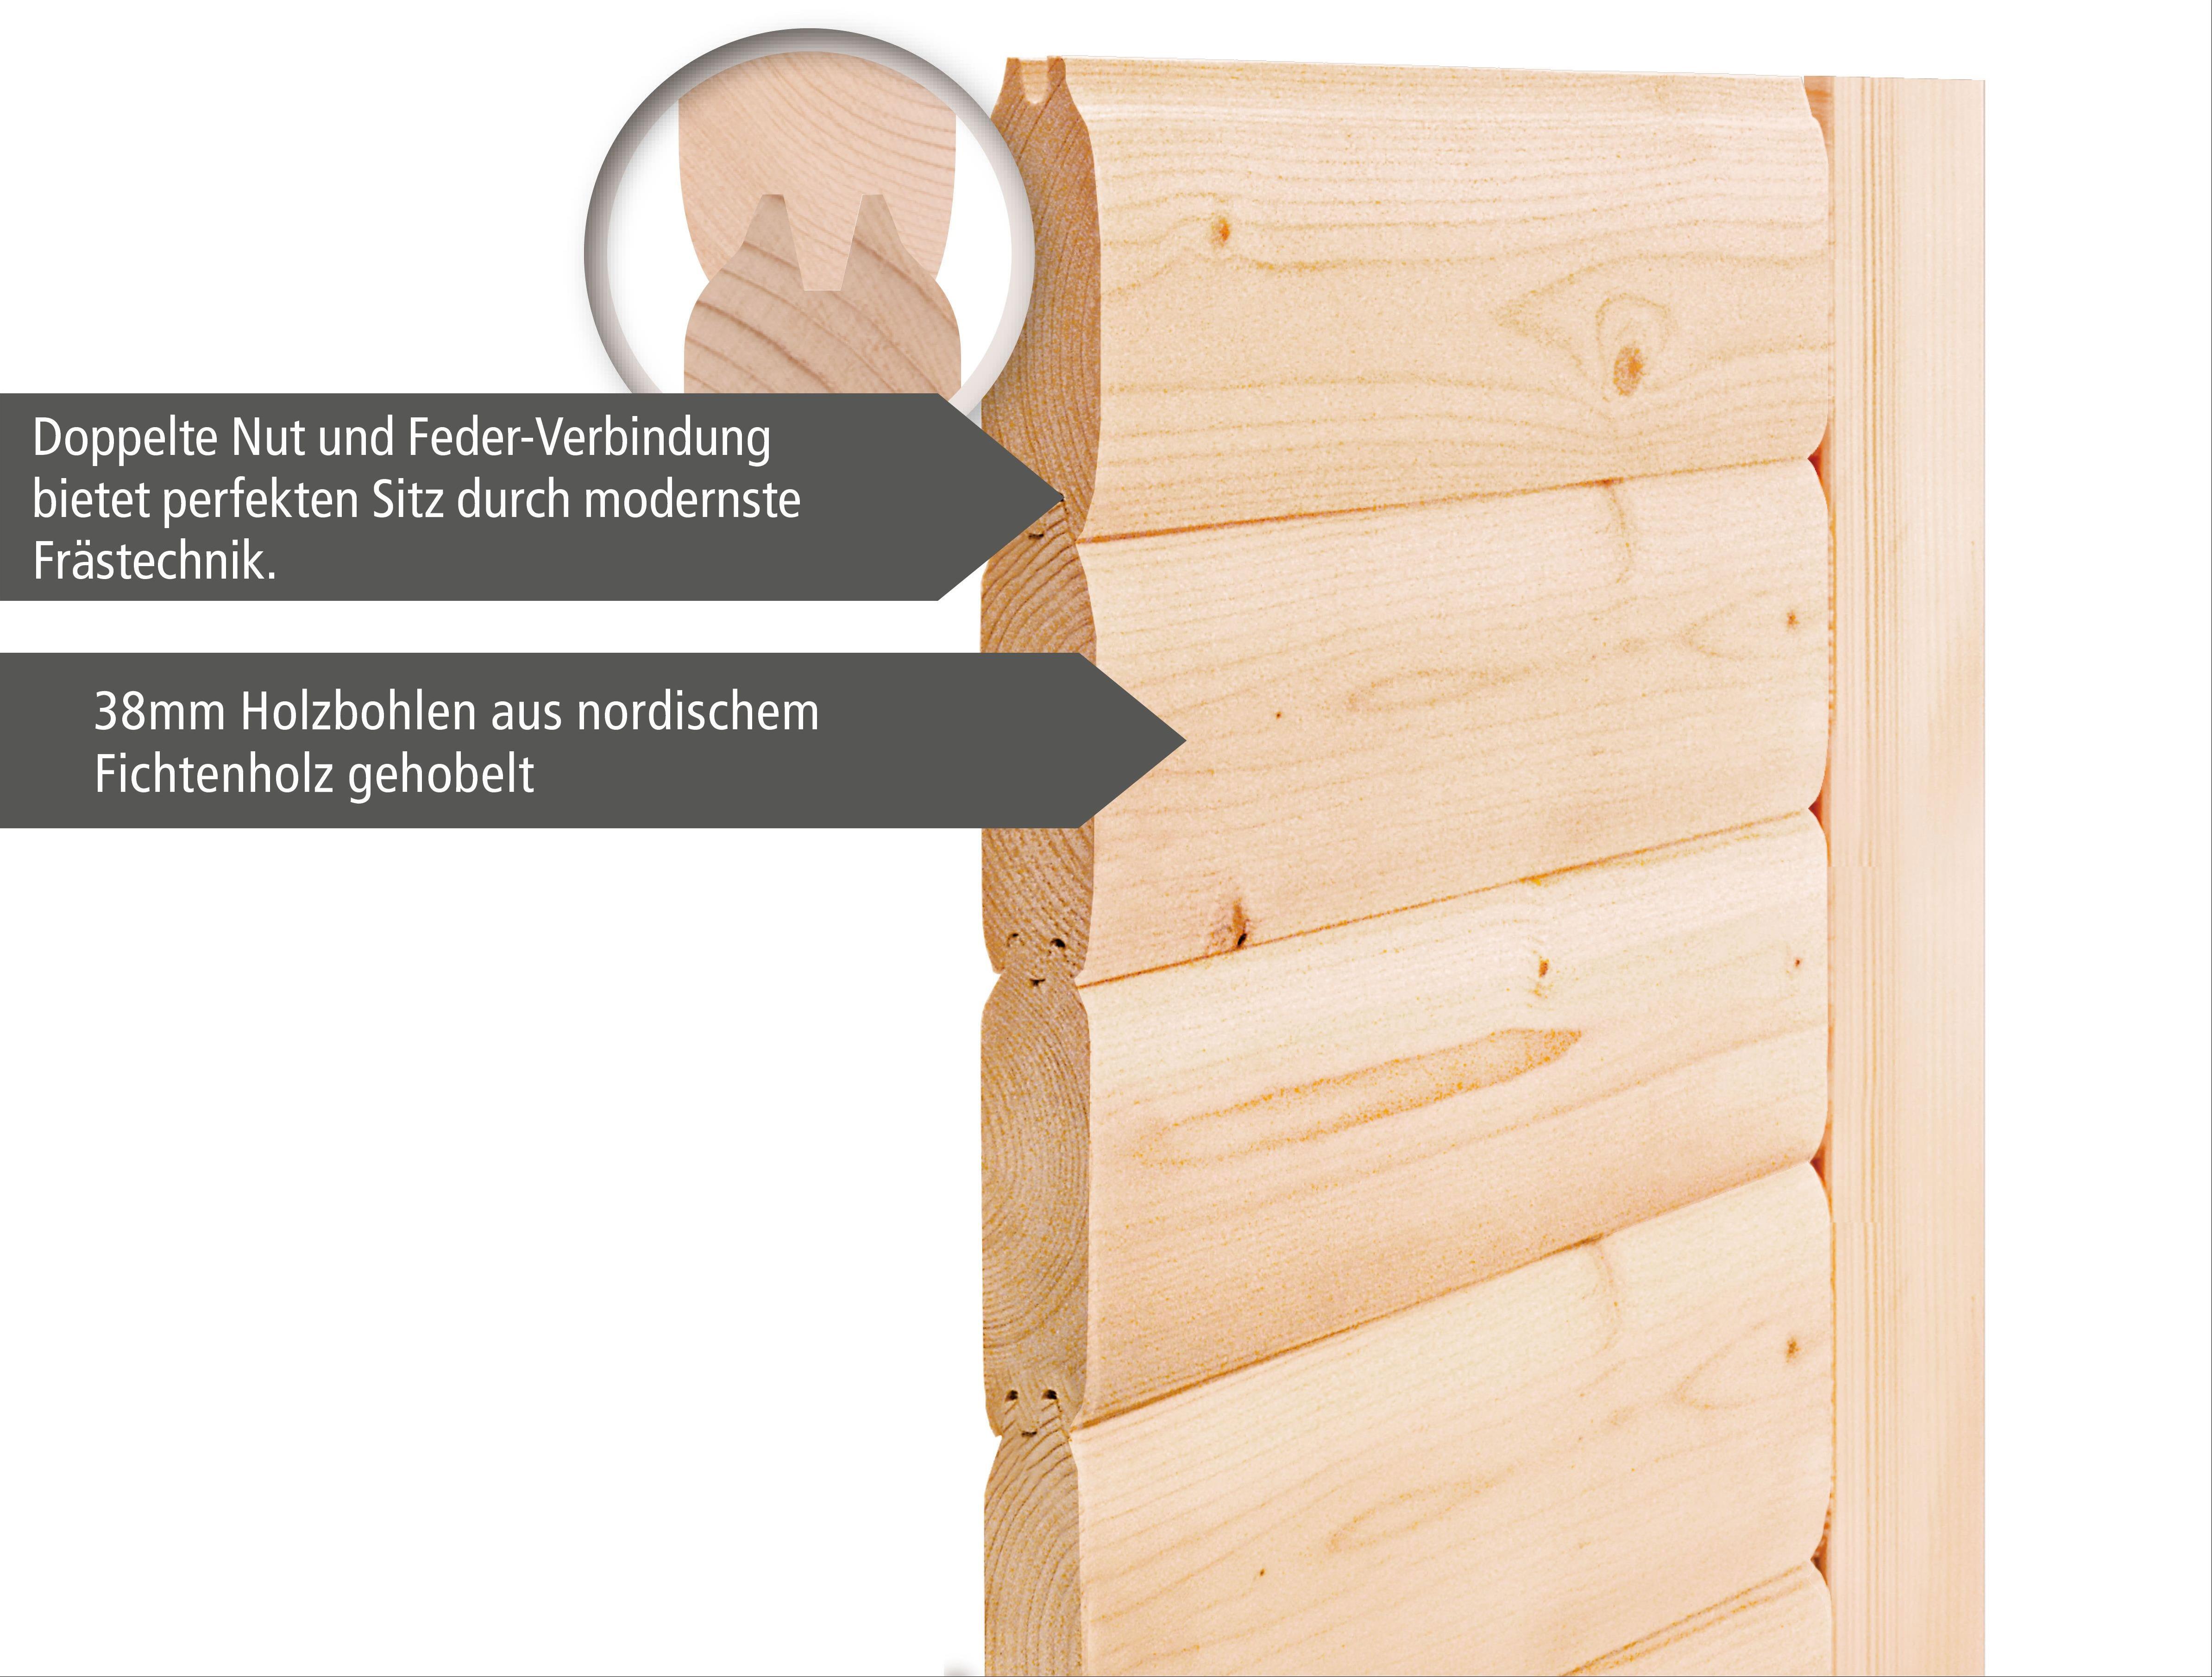 WoodFeeling Sauna Mia 38mm Saunaofen 9kW intern Classic Tür Bild 5